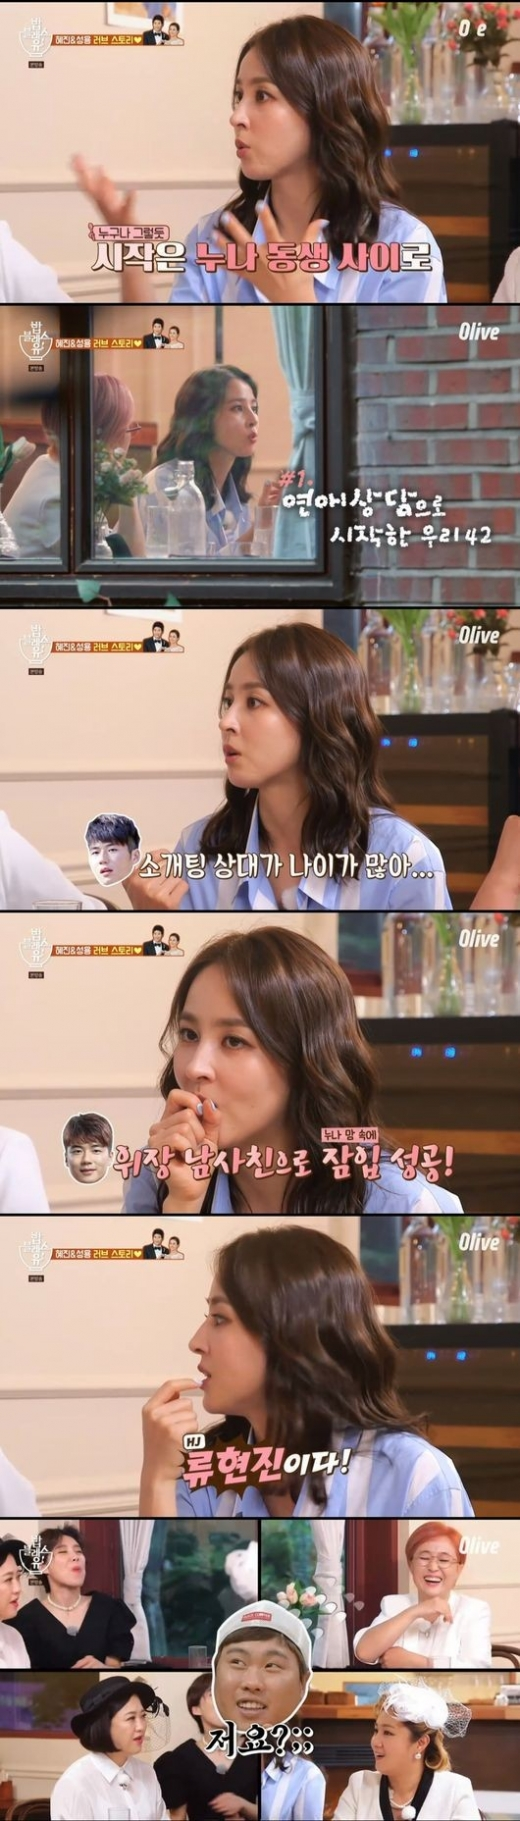 한혜진이 기성용과의 러브스토리에 대해 이야기했다. /사진=밥블레스유2 방송캡처